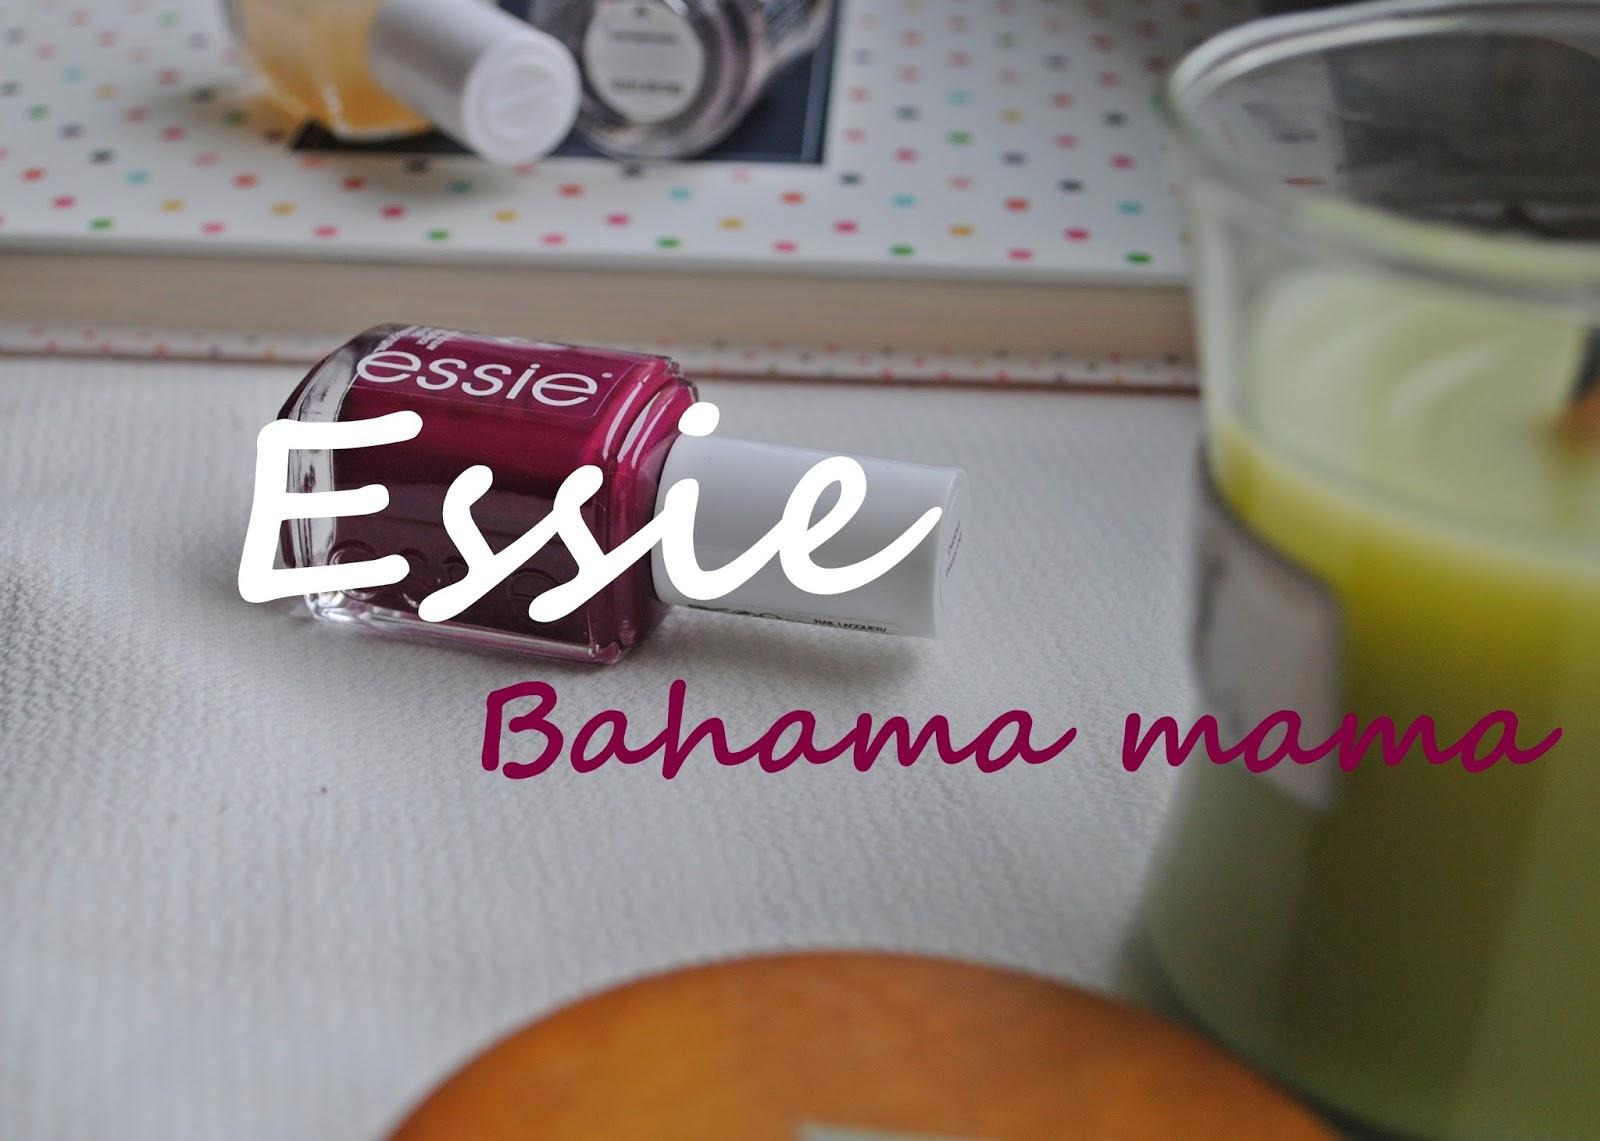 Bahama mama Essie